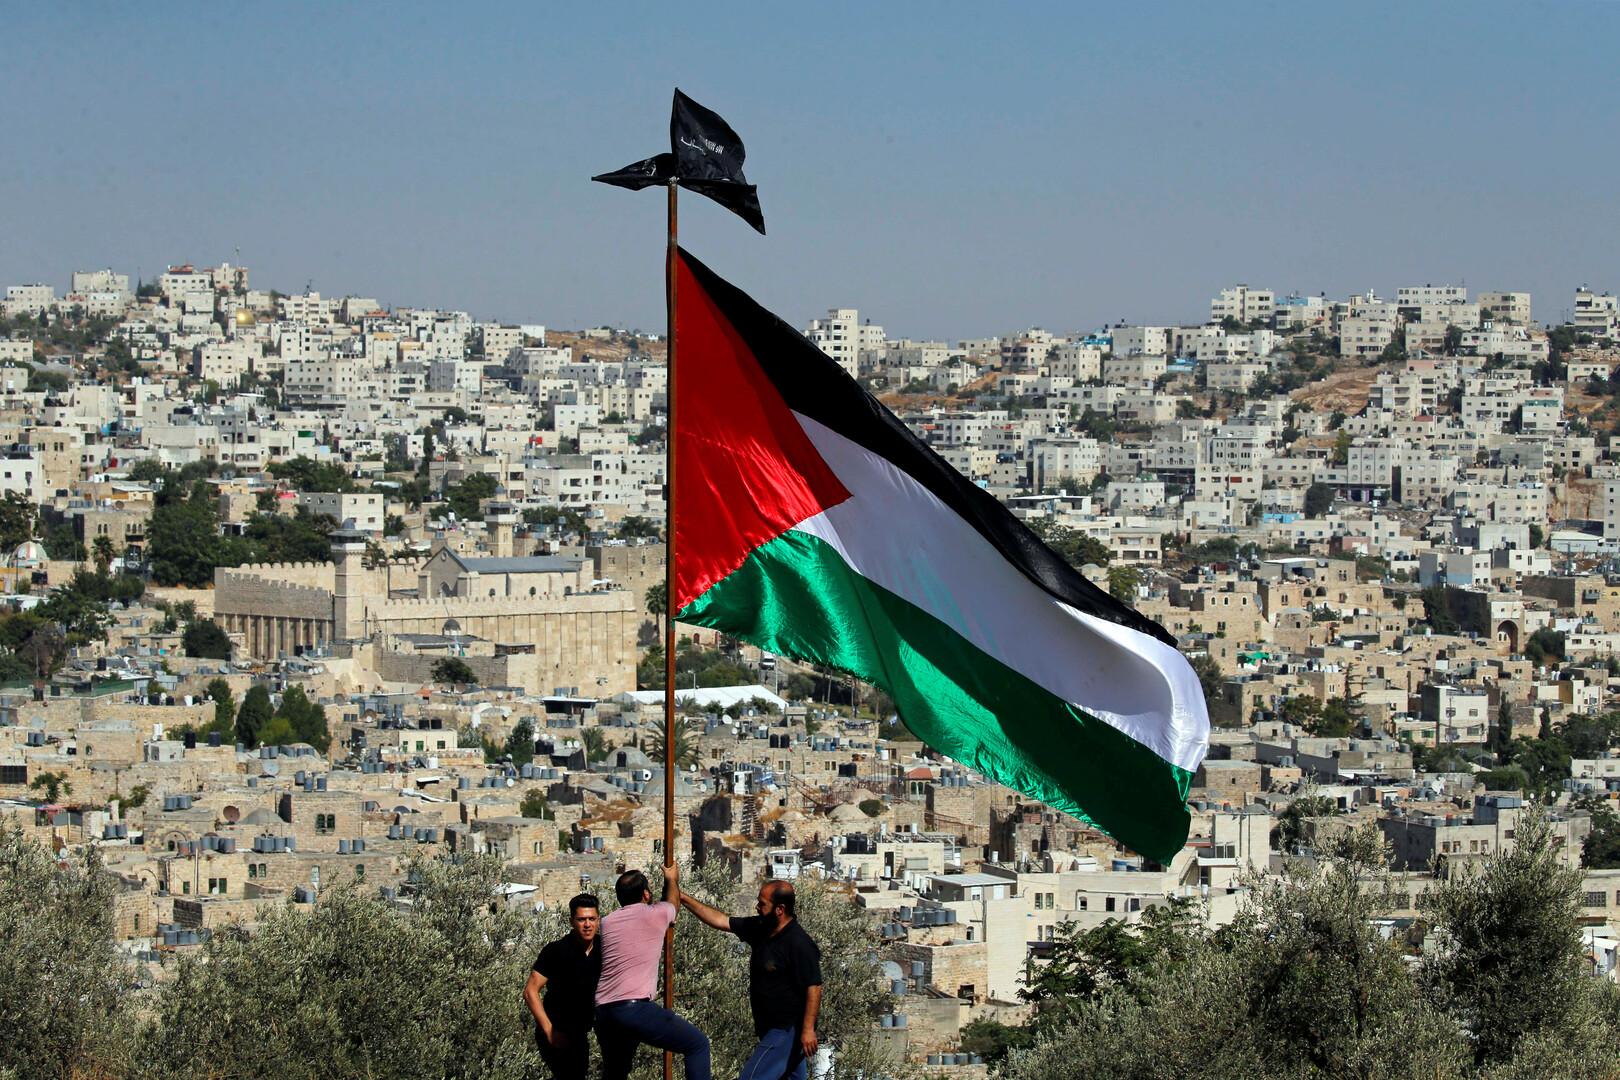 الجيش الإسرائيلي يعلن إغلاق الضفة الغربية يوم انتخابات الكنيست